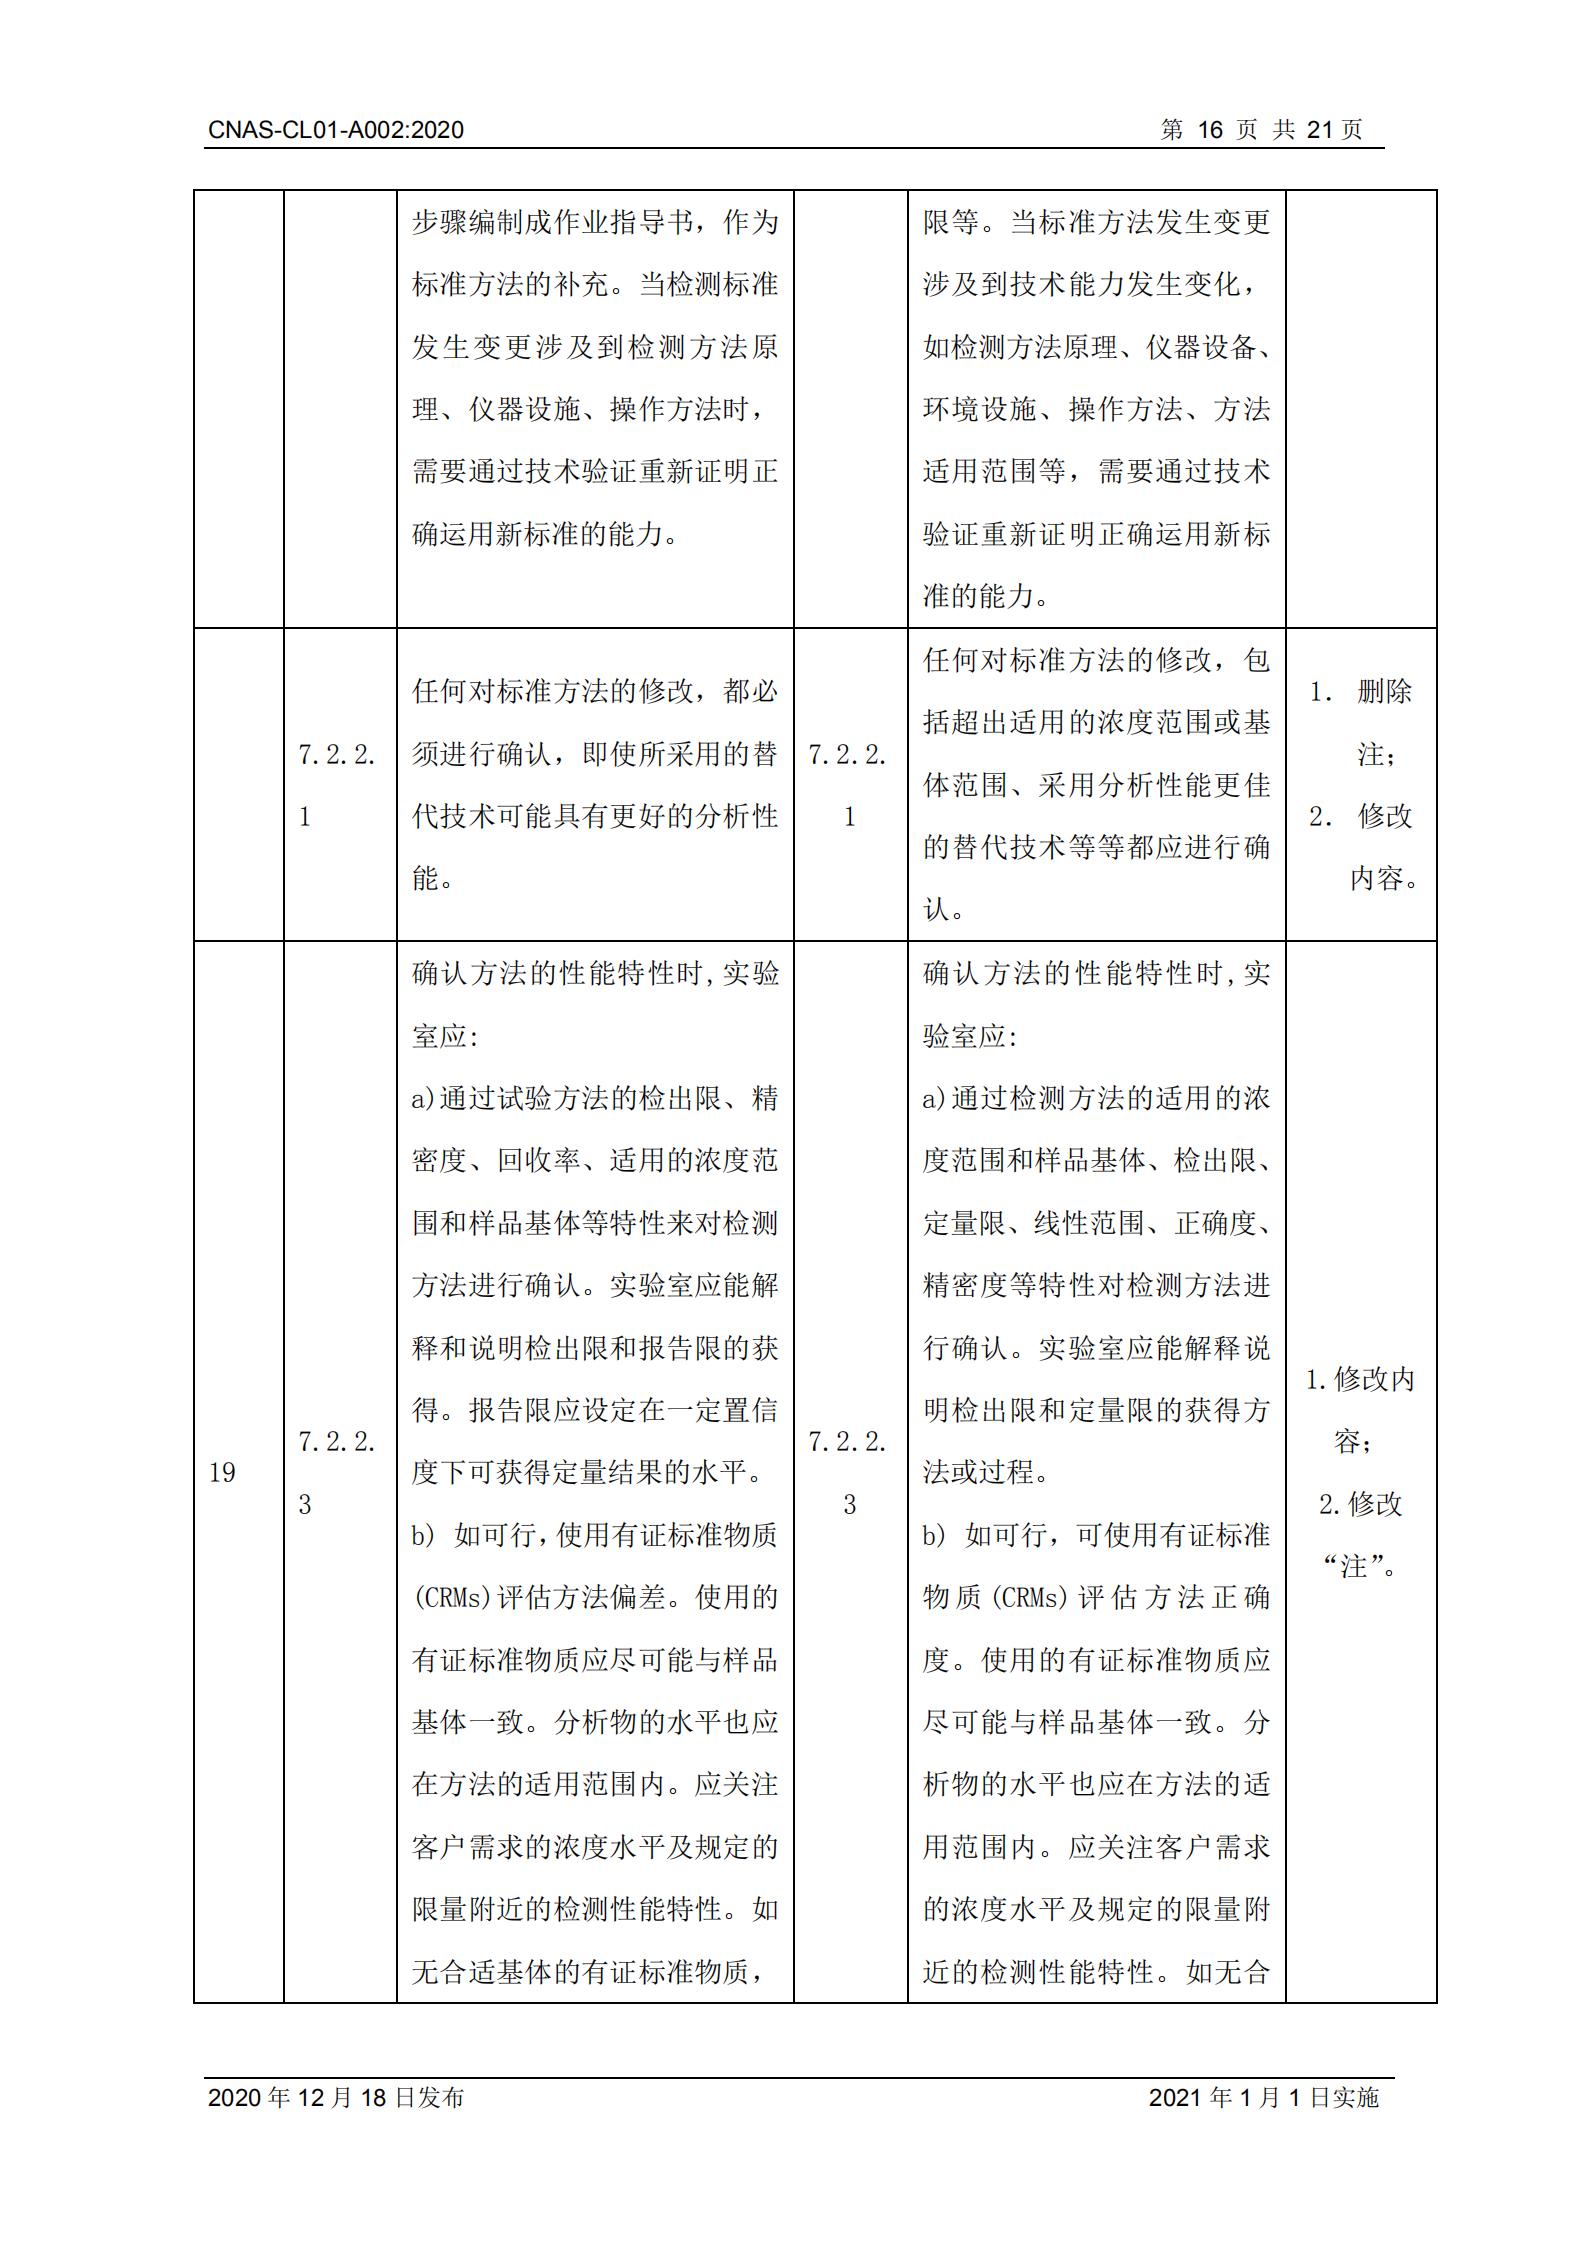 CNAS-CL01-A002_2020_16.png